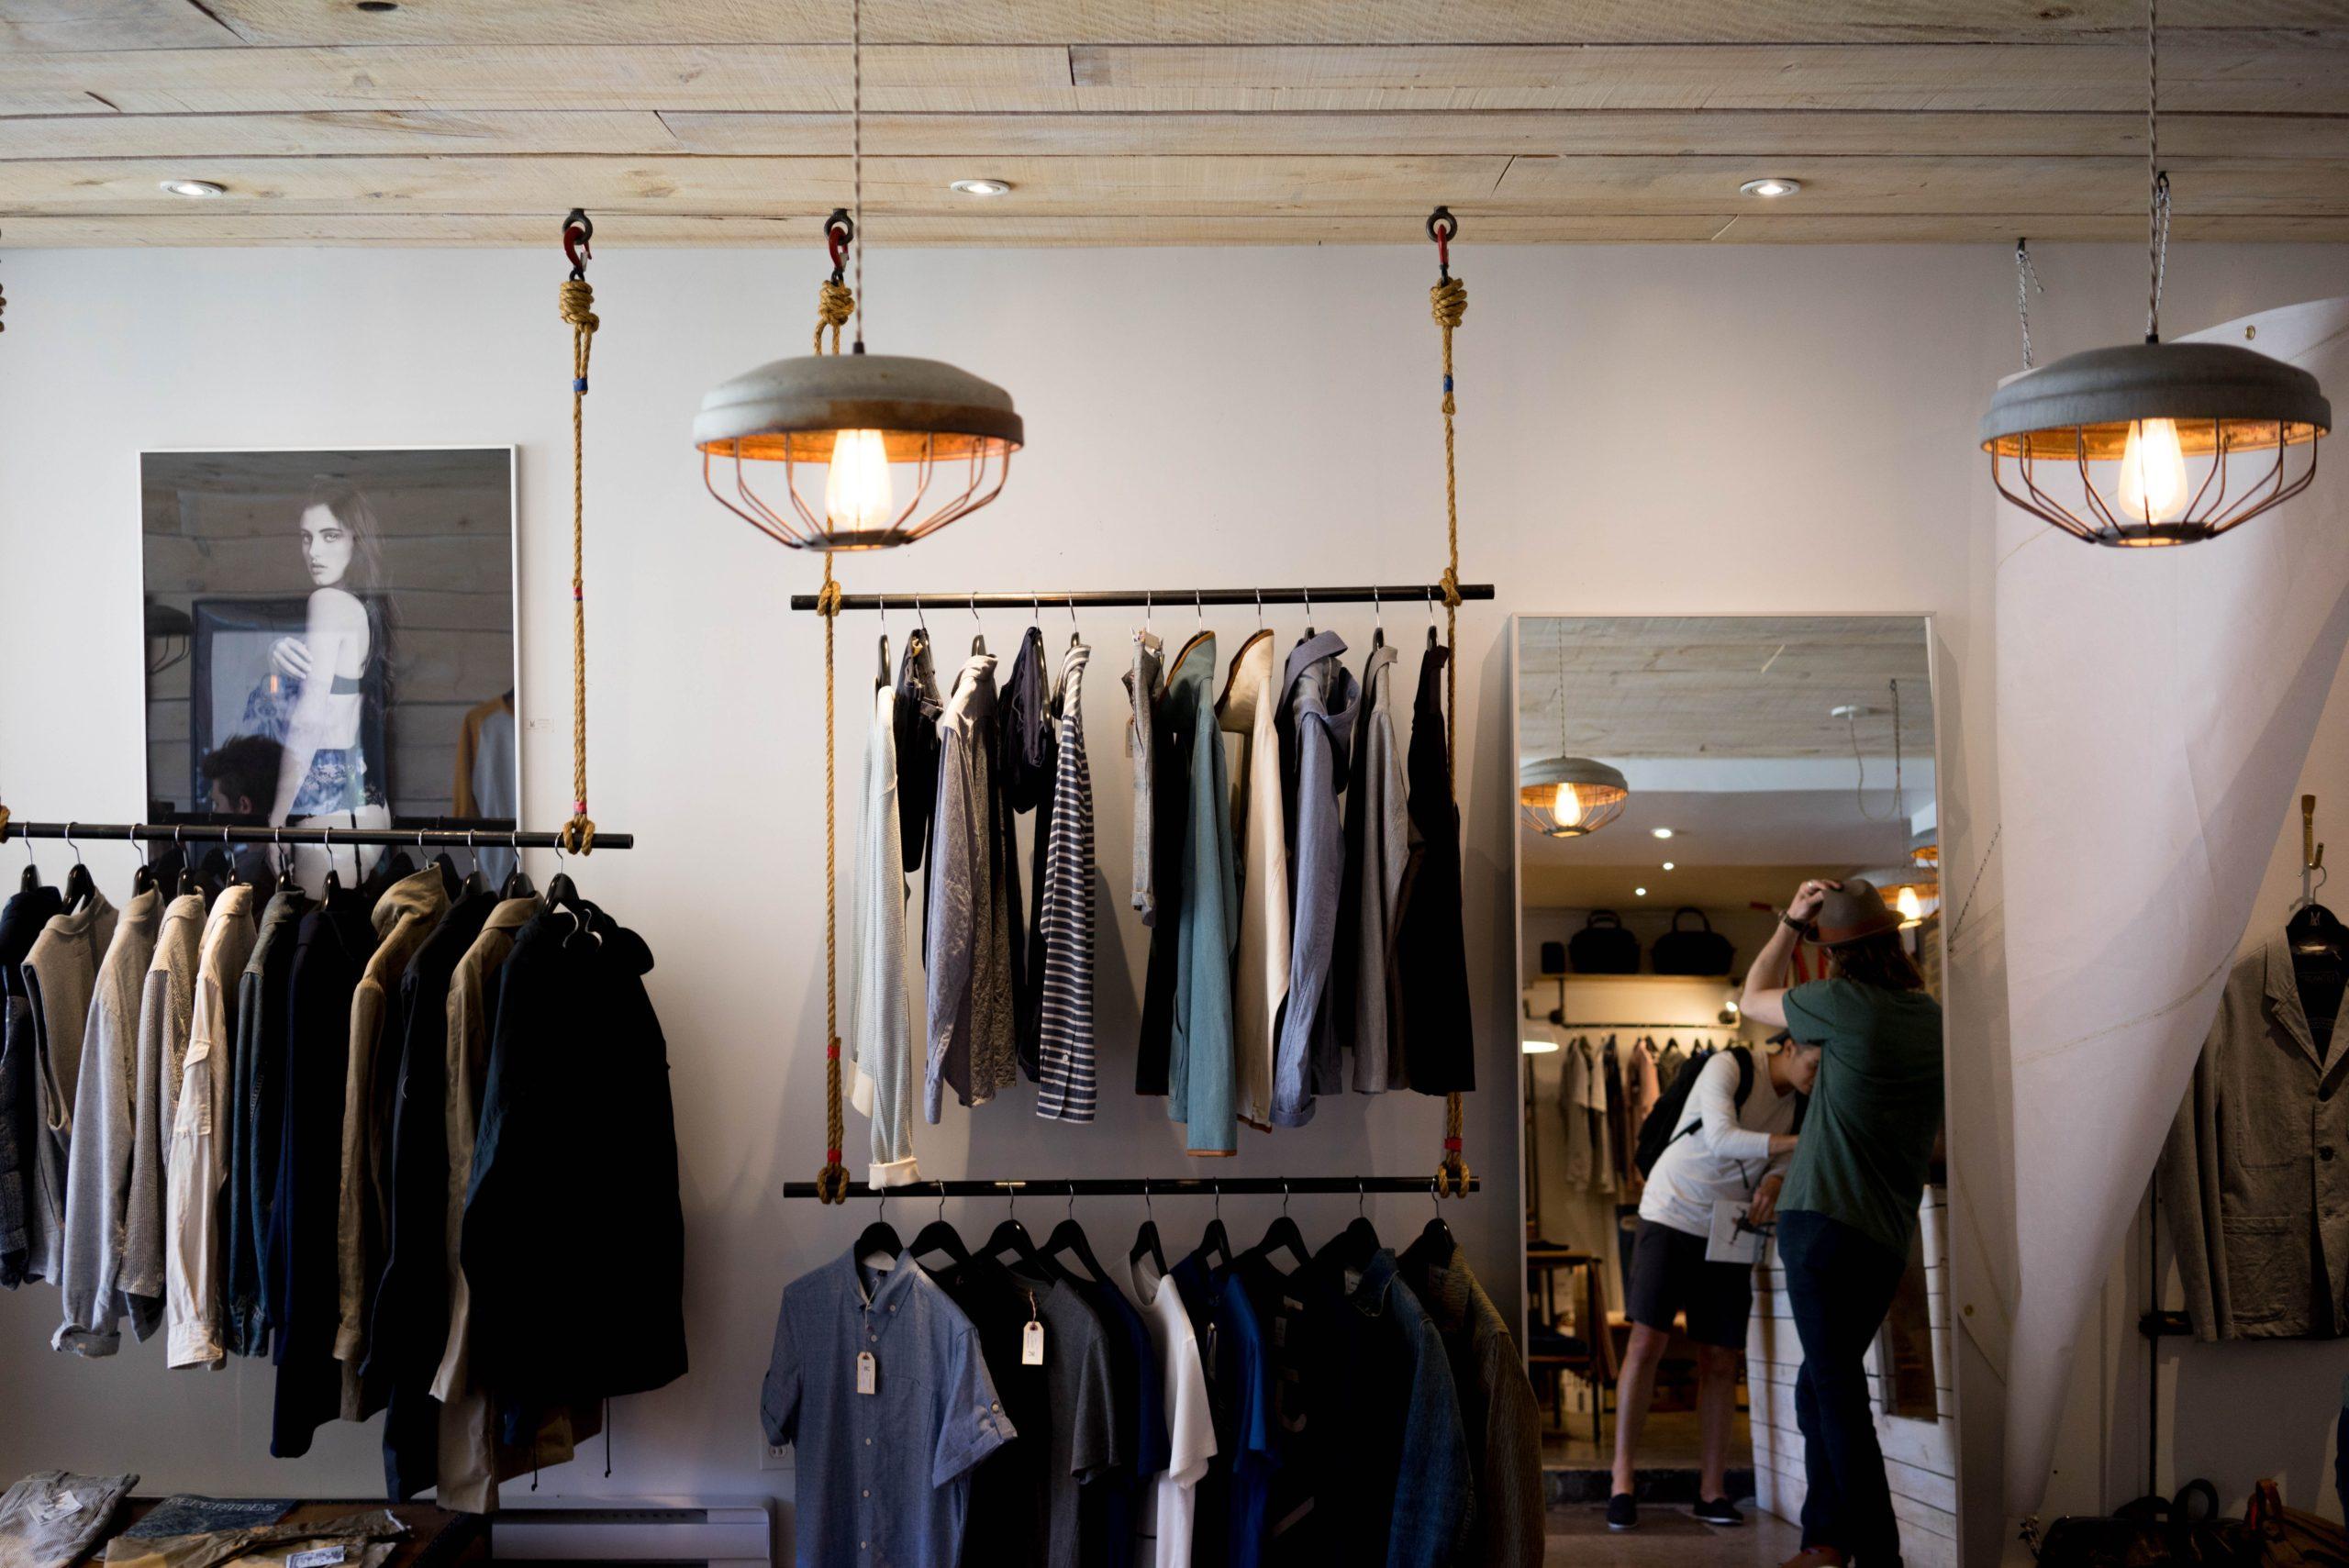 ¿Cómo montar una tienda de ropa?